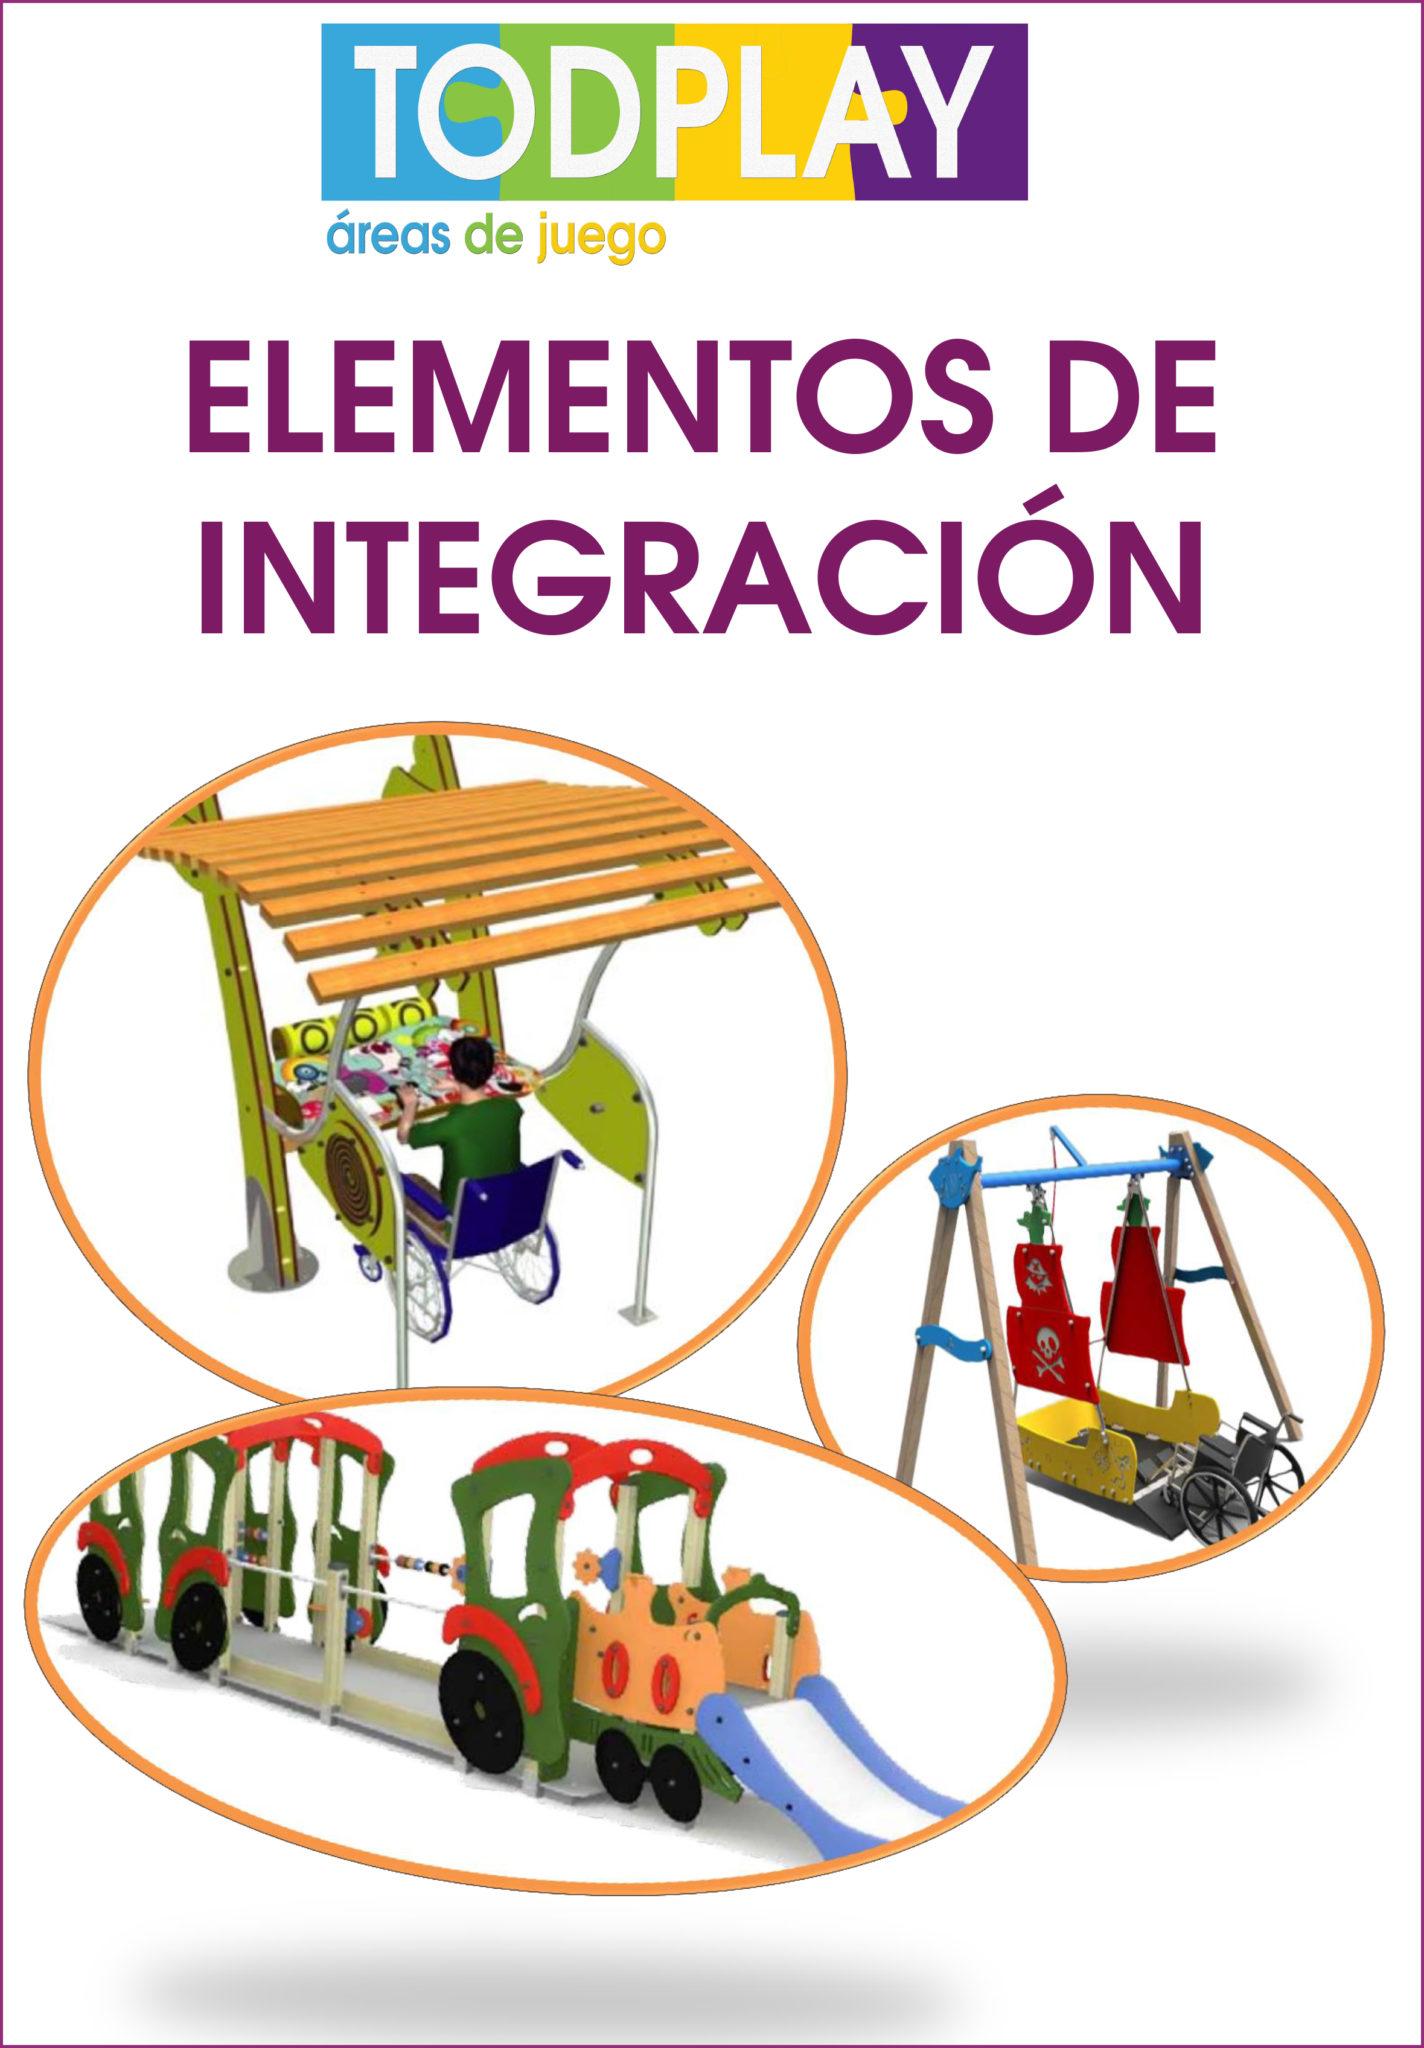 Catálogo-elementos-de-integración